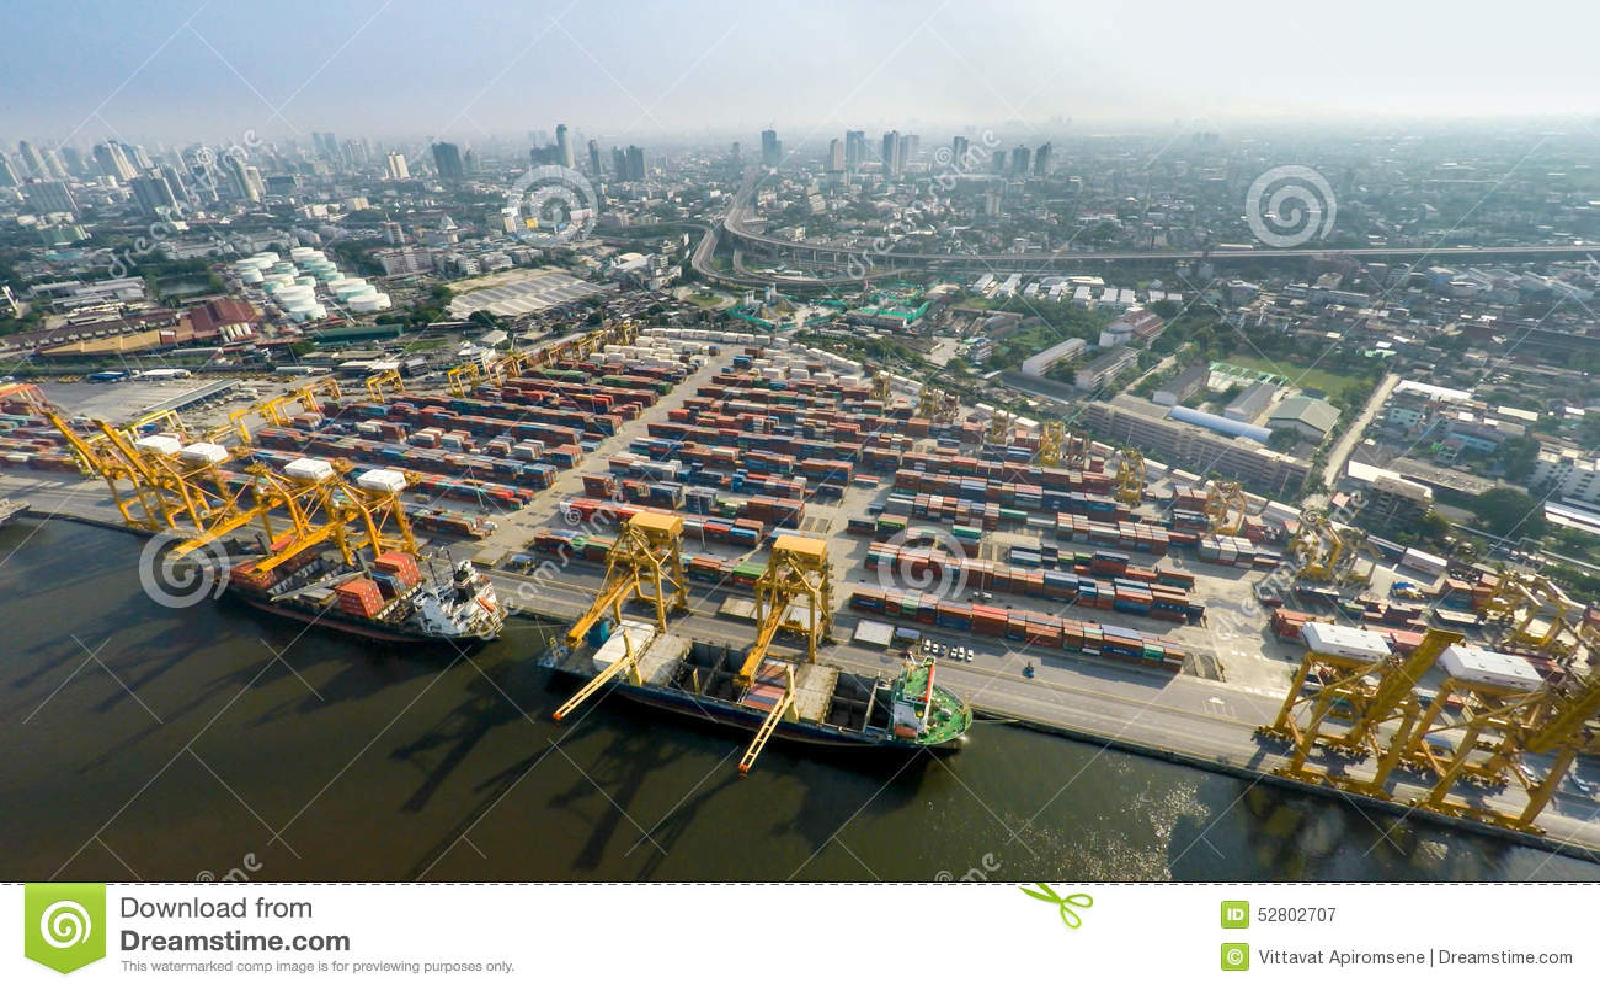 Imagem aérea de navios de carga no porto com opinião da cidade